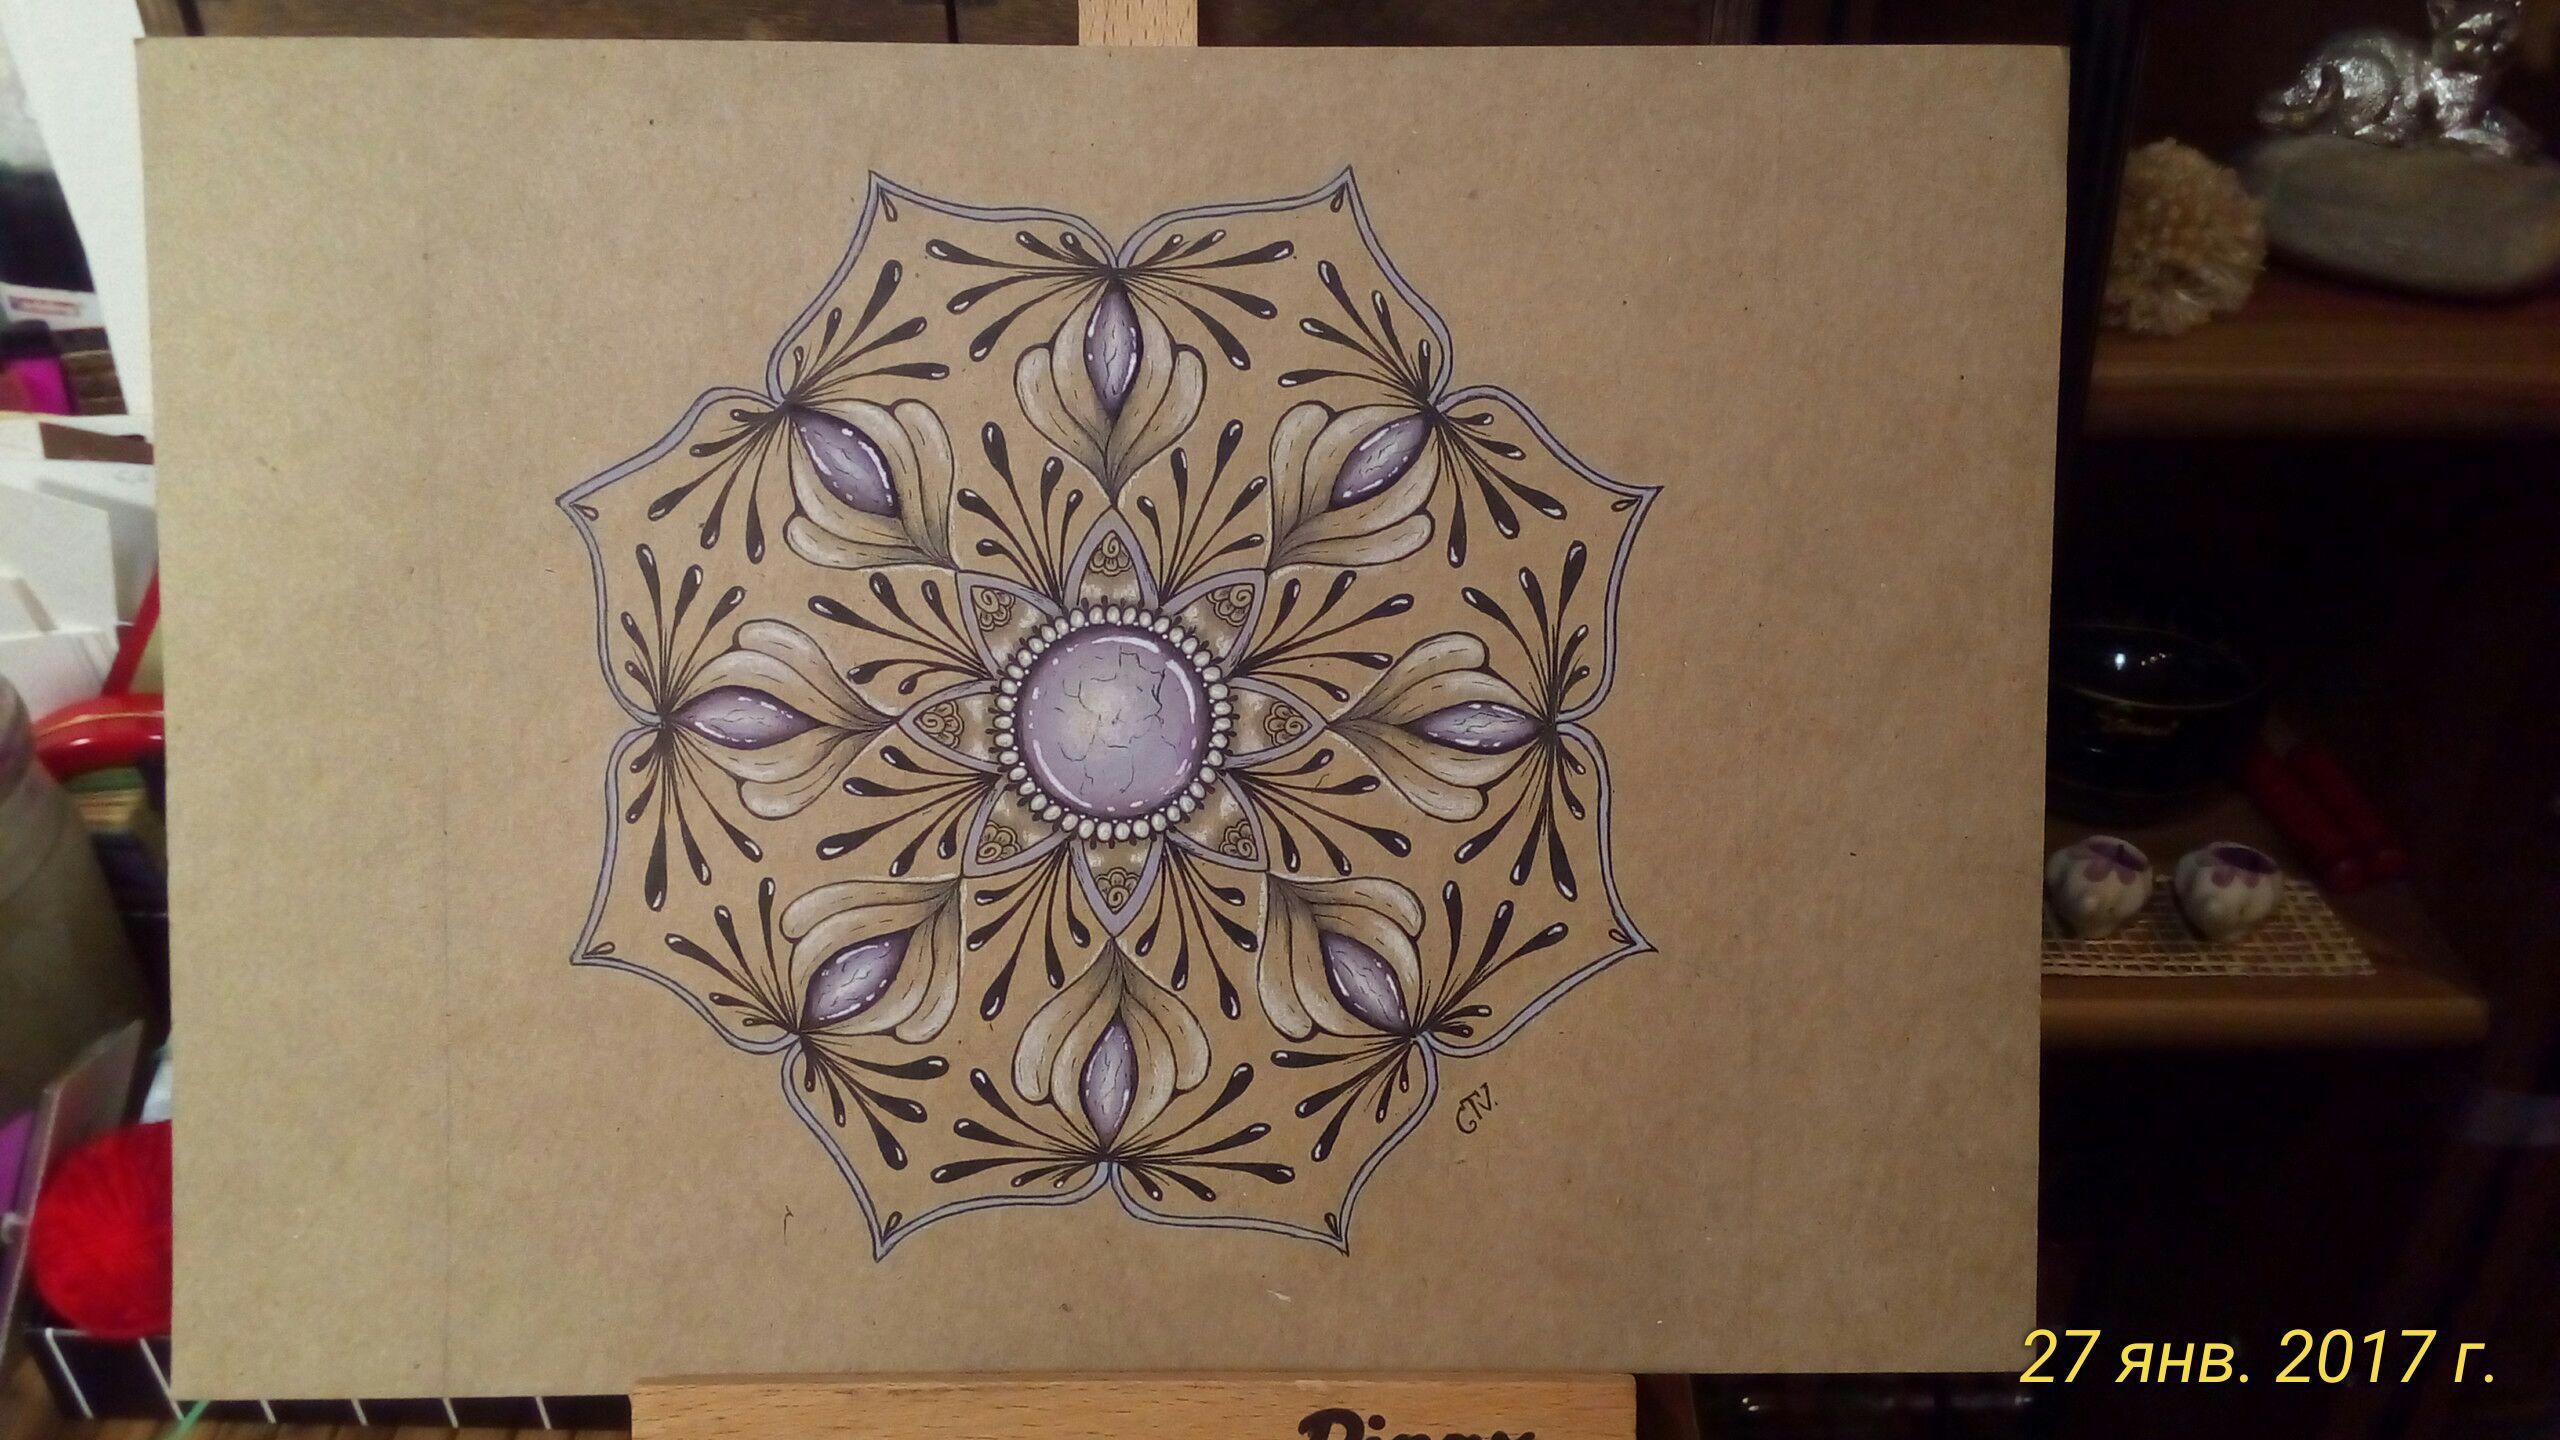 мандала мандалы медитация созерцание ц картина